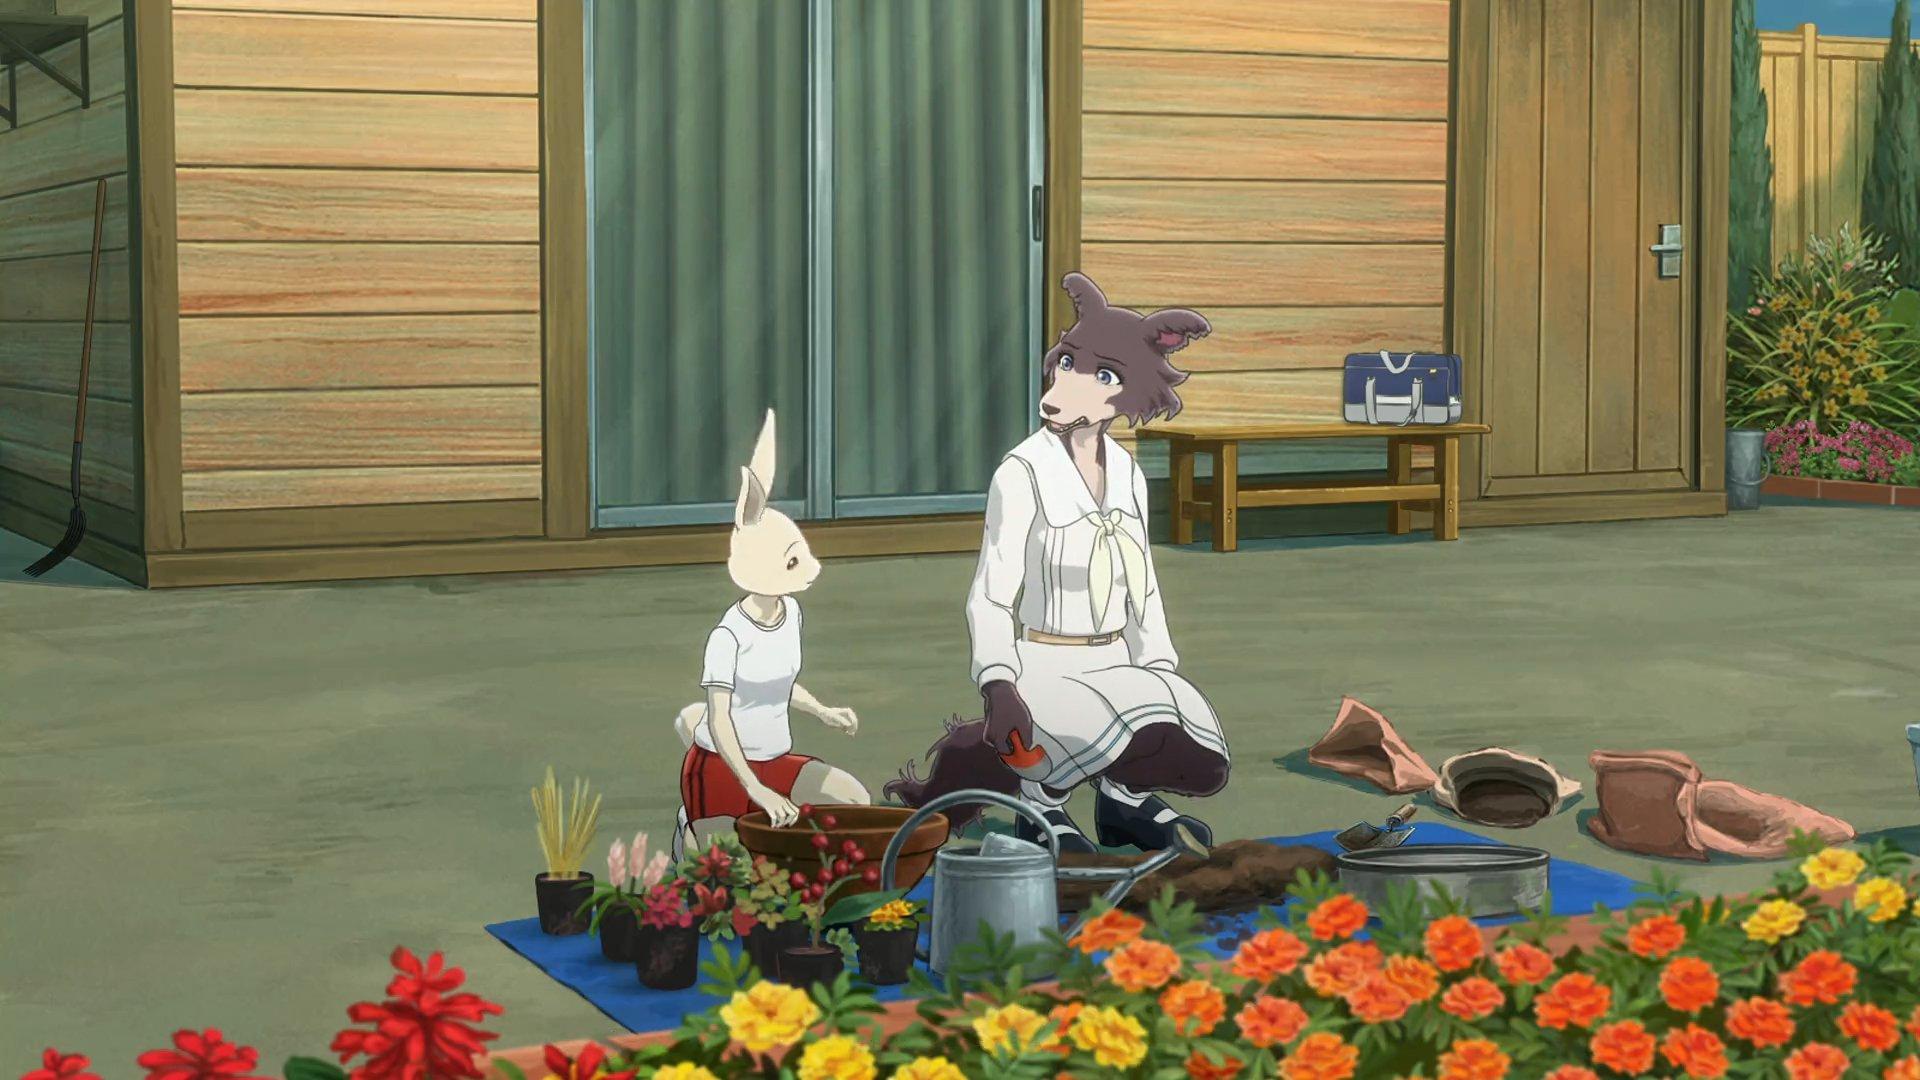 Imagen tomada del anime 'Beastars' con Haru y Juno compartiendo en el club de jardineria mientras se sientan a trasplantar plantas.